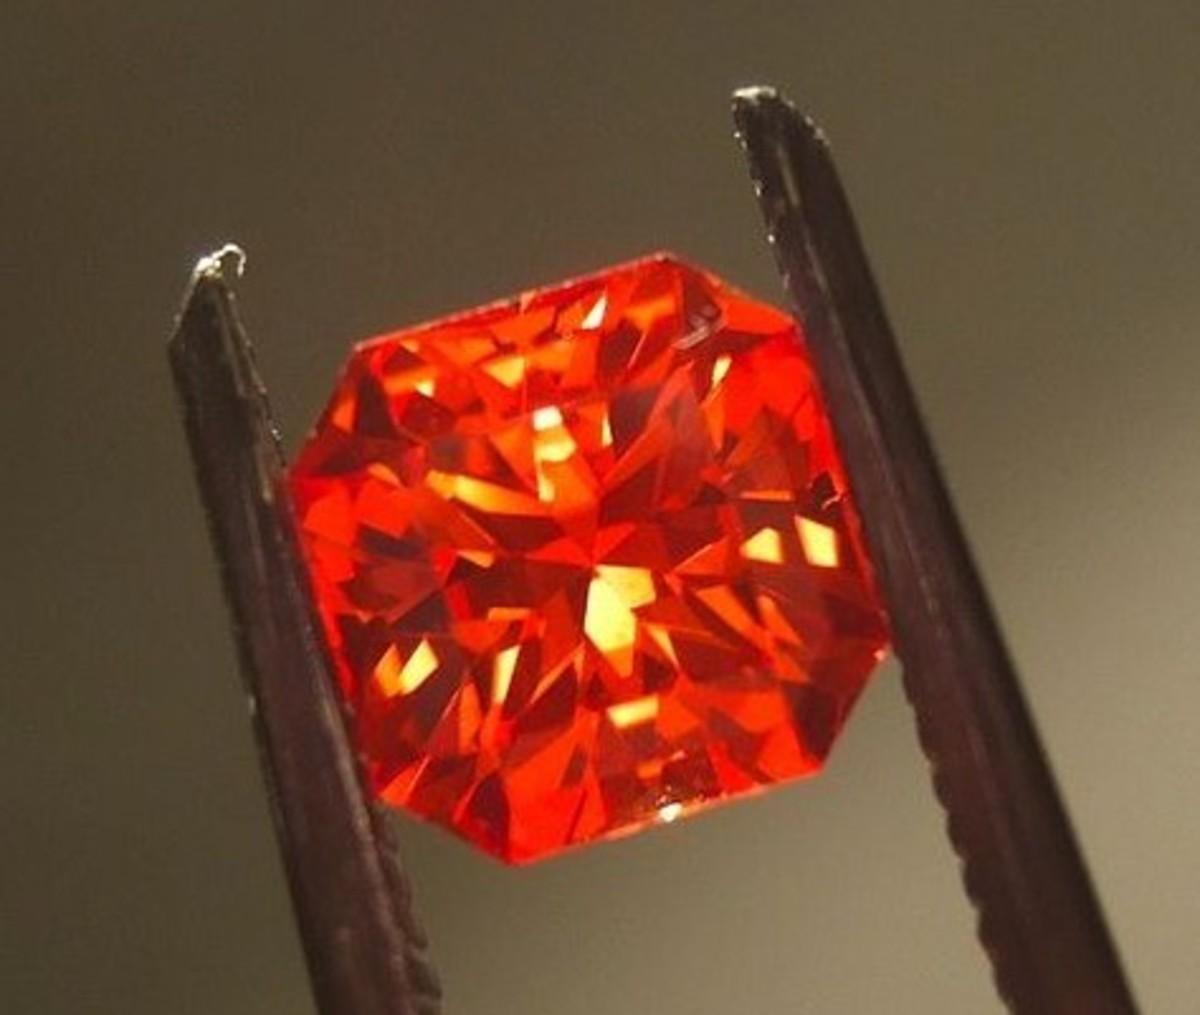 Padparadscha Sapphire (Alextryan, Wikipedia)